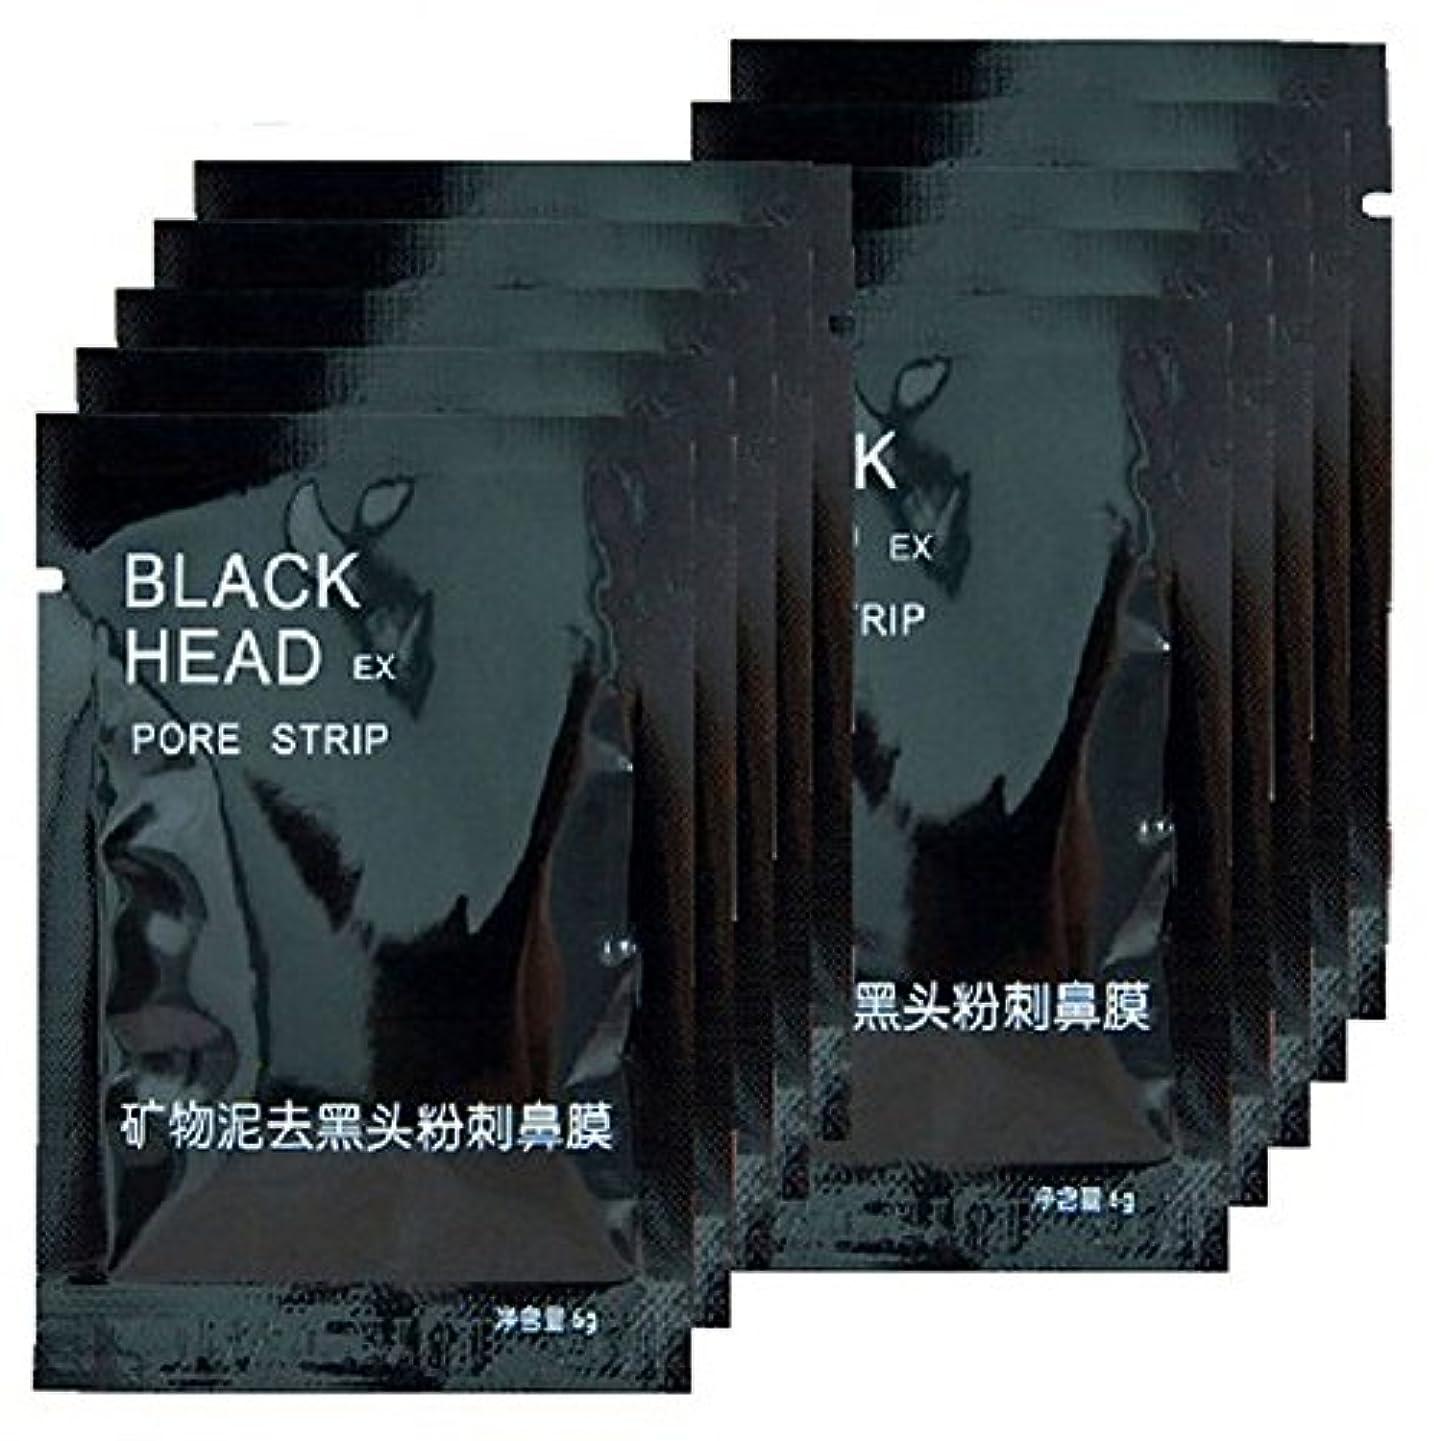 花婿ワイヤー借りる鼻のにきびの除去剤のマスクによって活動化させる木炭は鼻の深いクリーニングの毛穴にきびのための黒いマスクをはがします